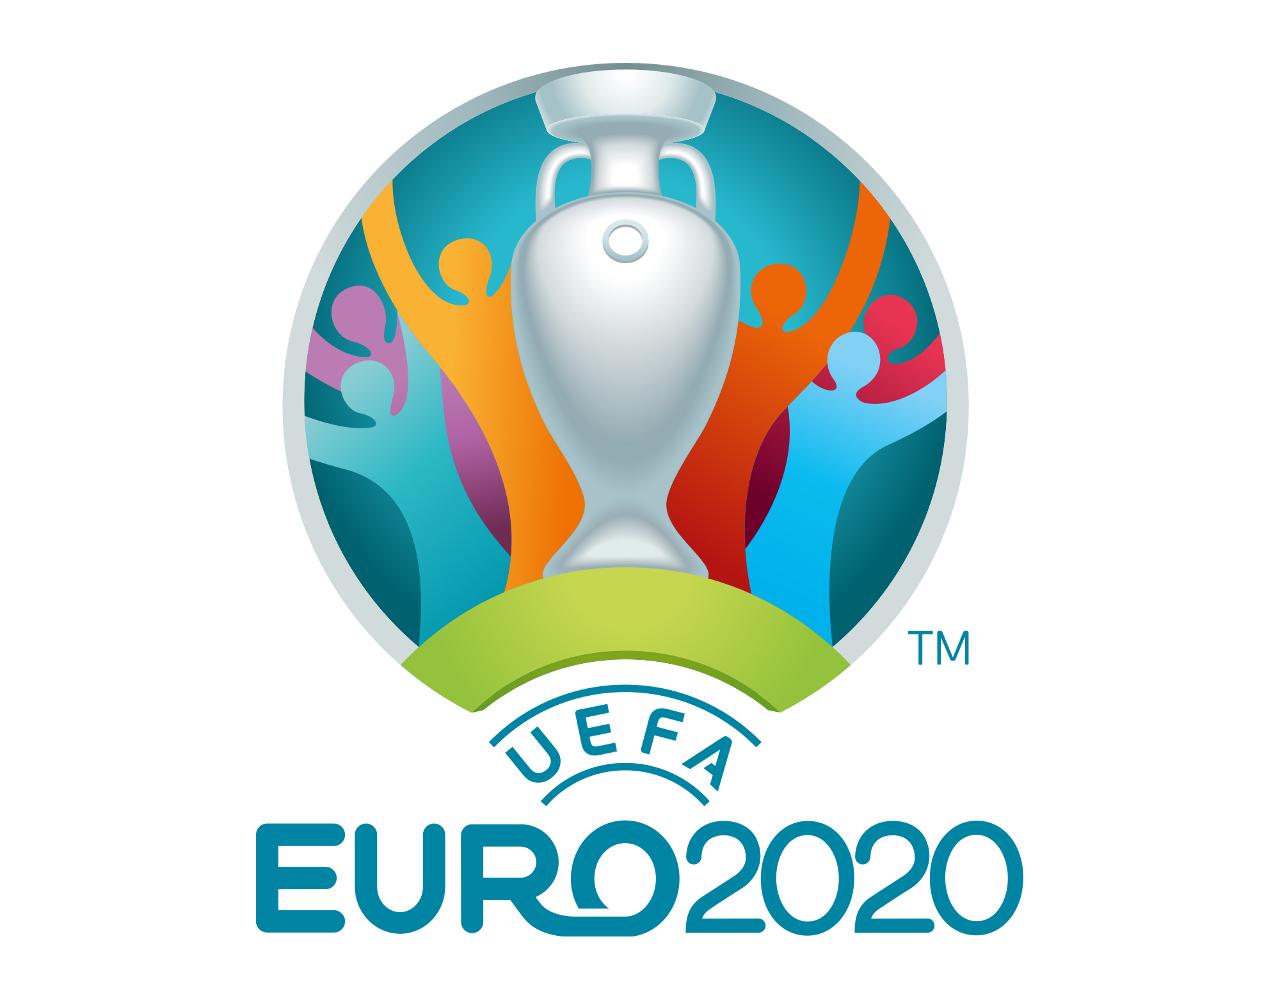 Todas las naciones pueden nominar a tres jardineros adicionales por euros.